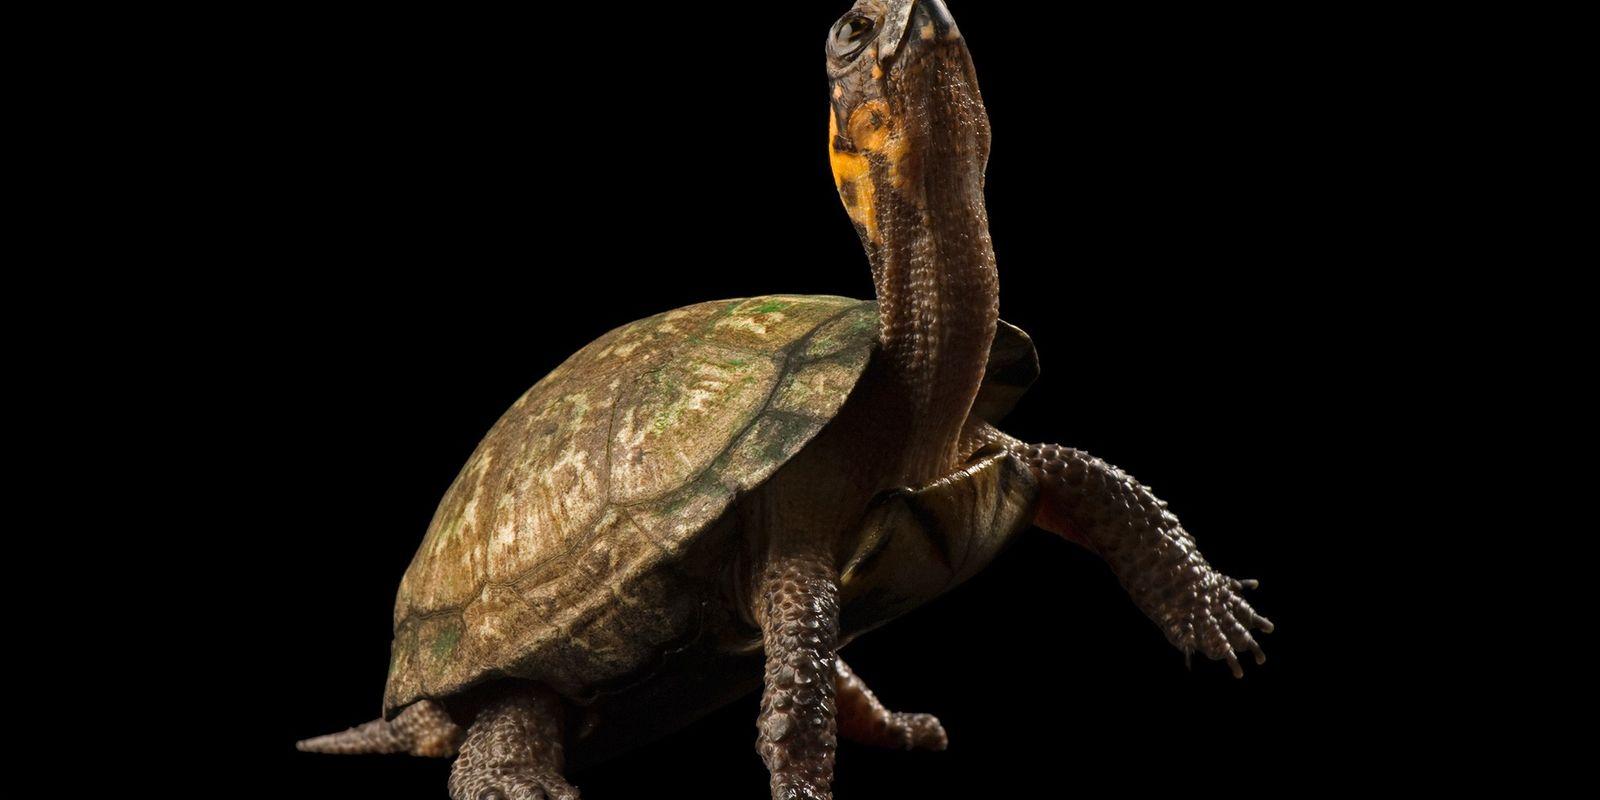 Fotografías de hermosas tortugas